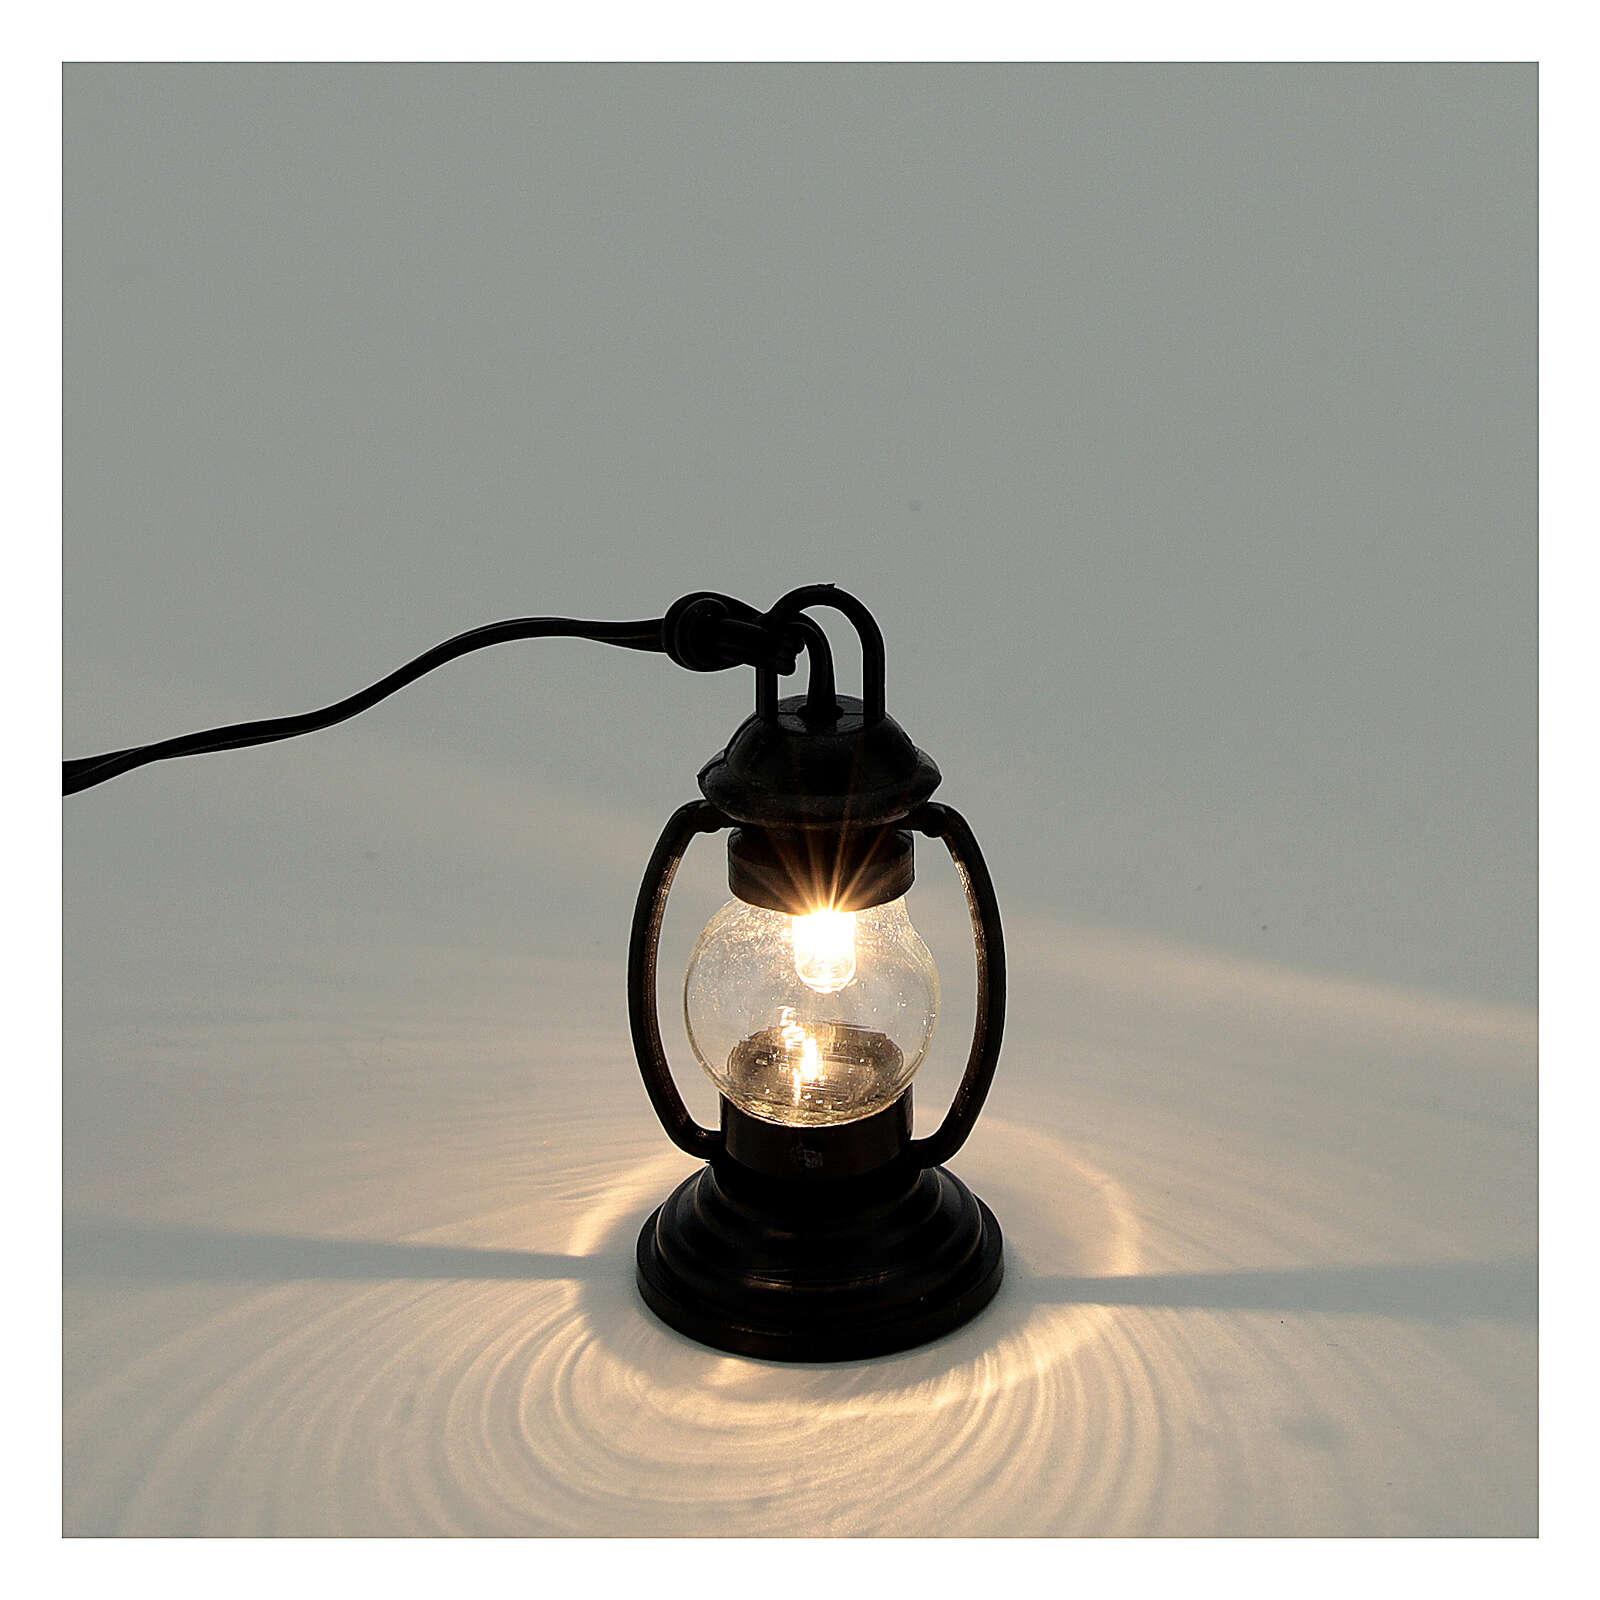 Lanterna de luz branca em miniatura estilo antigo 4 cm 3,5 V para presépio com figuras altura média 8-10 cm 4